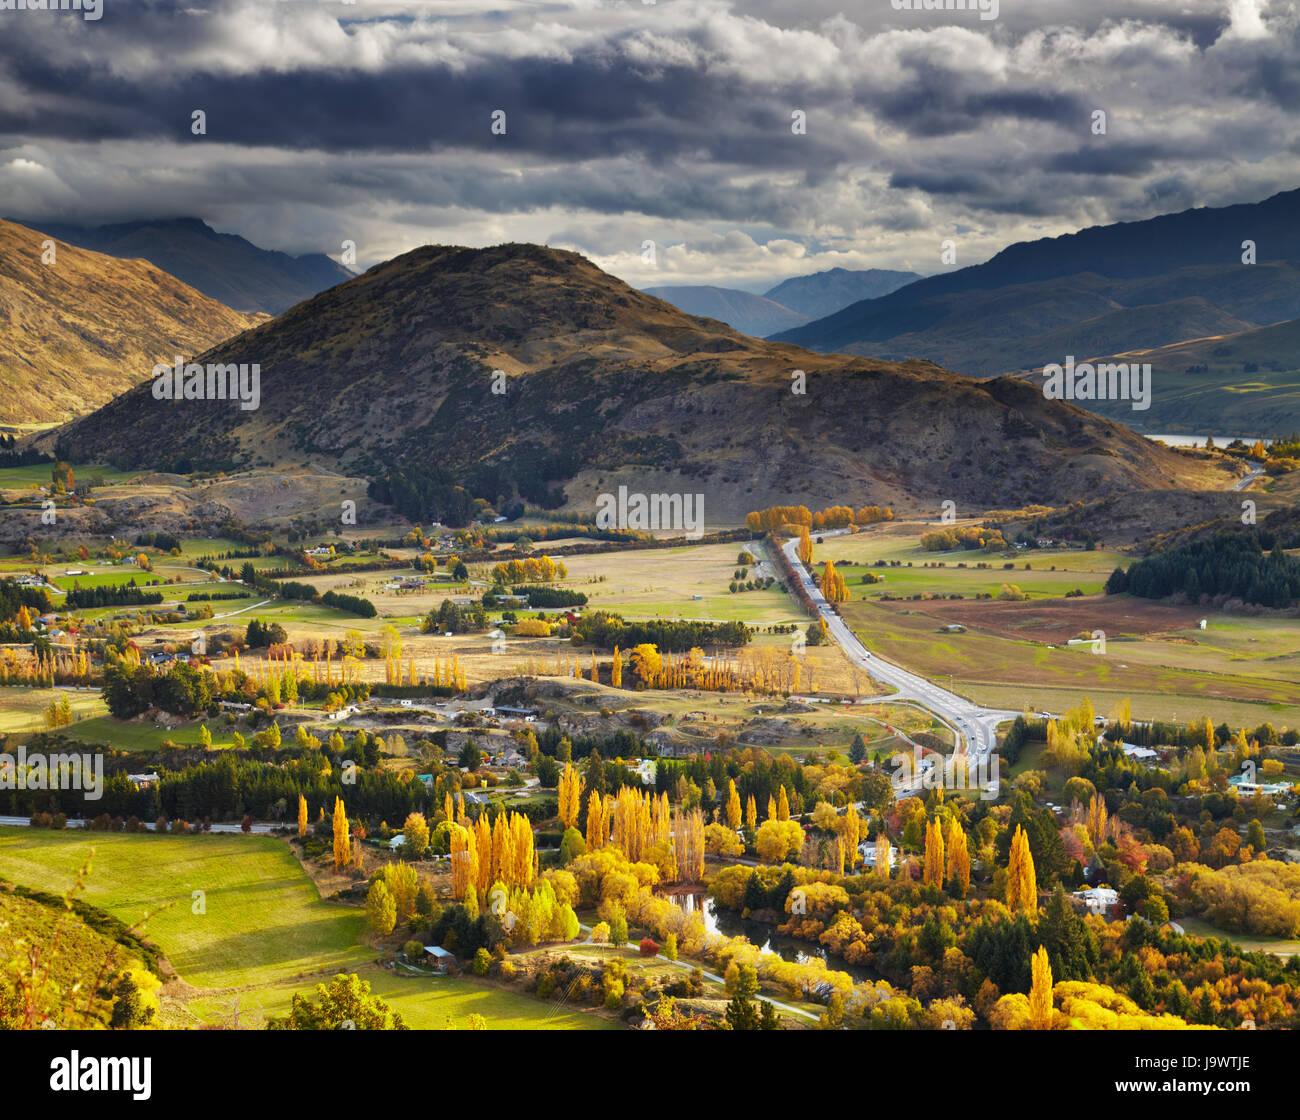 Herbstlandschaft, in der Nähe von Queenstown, Neuseeland Stockbild